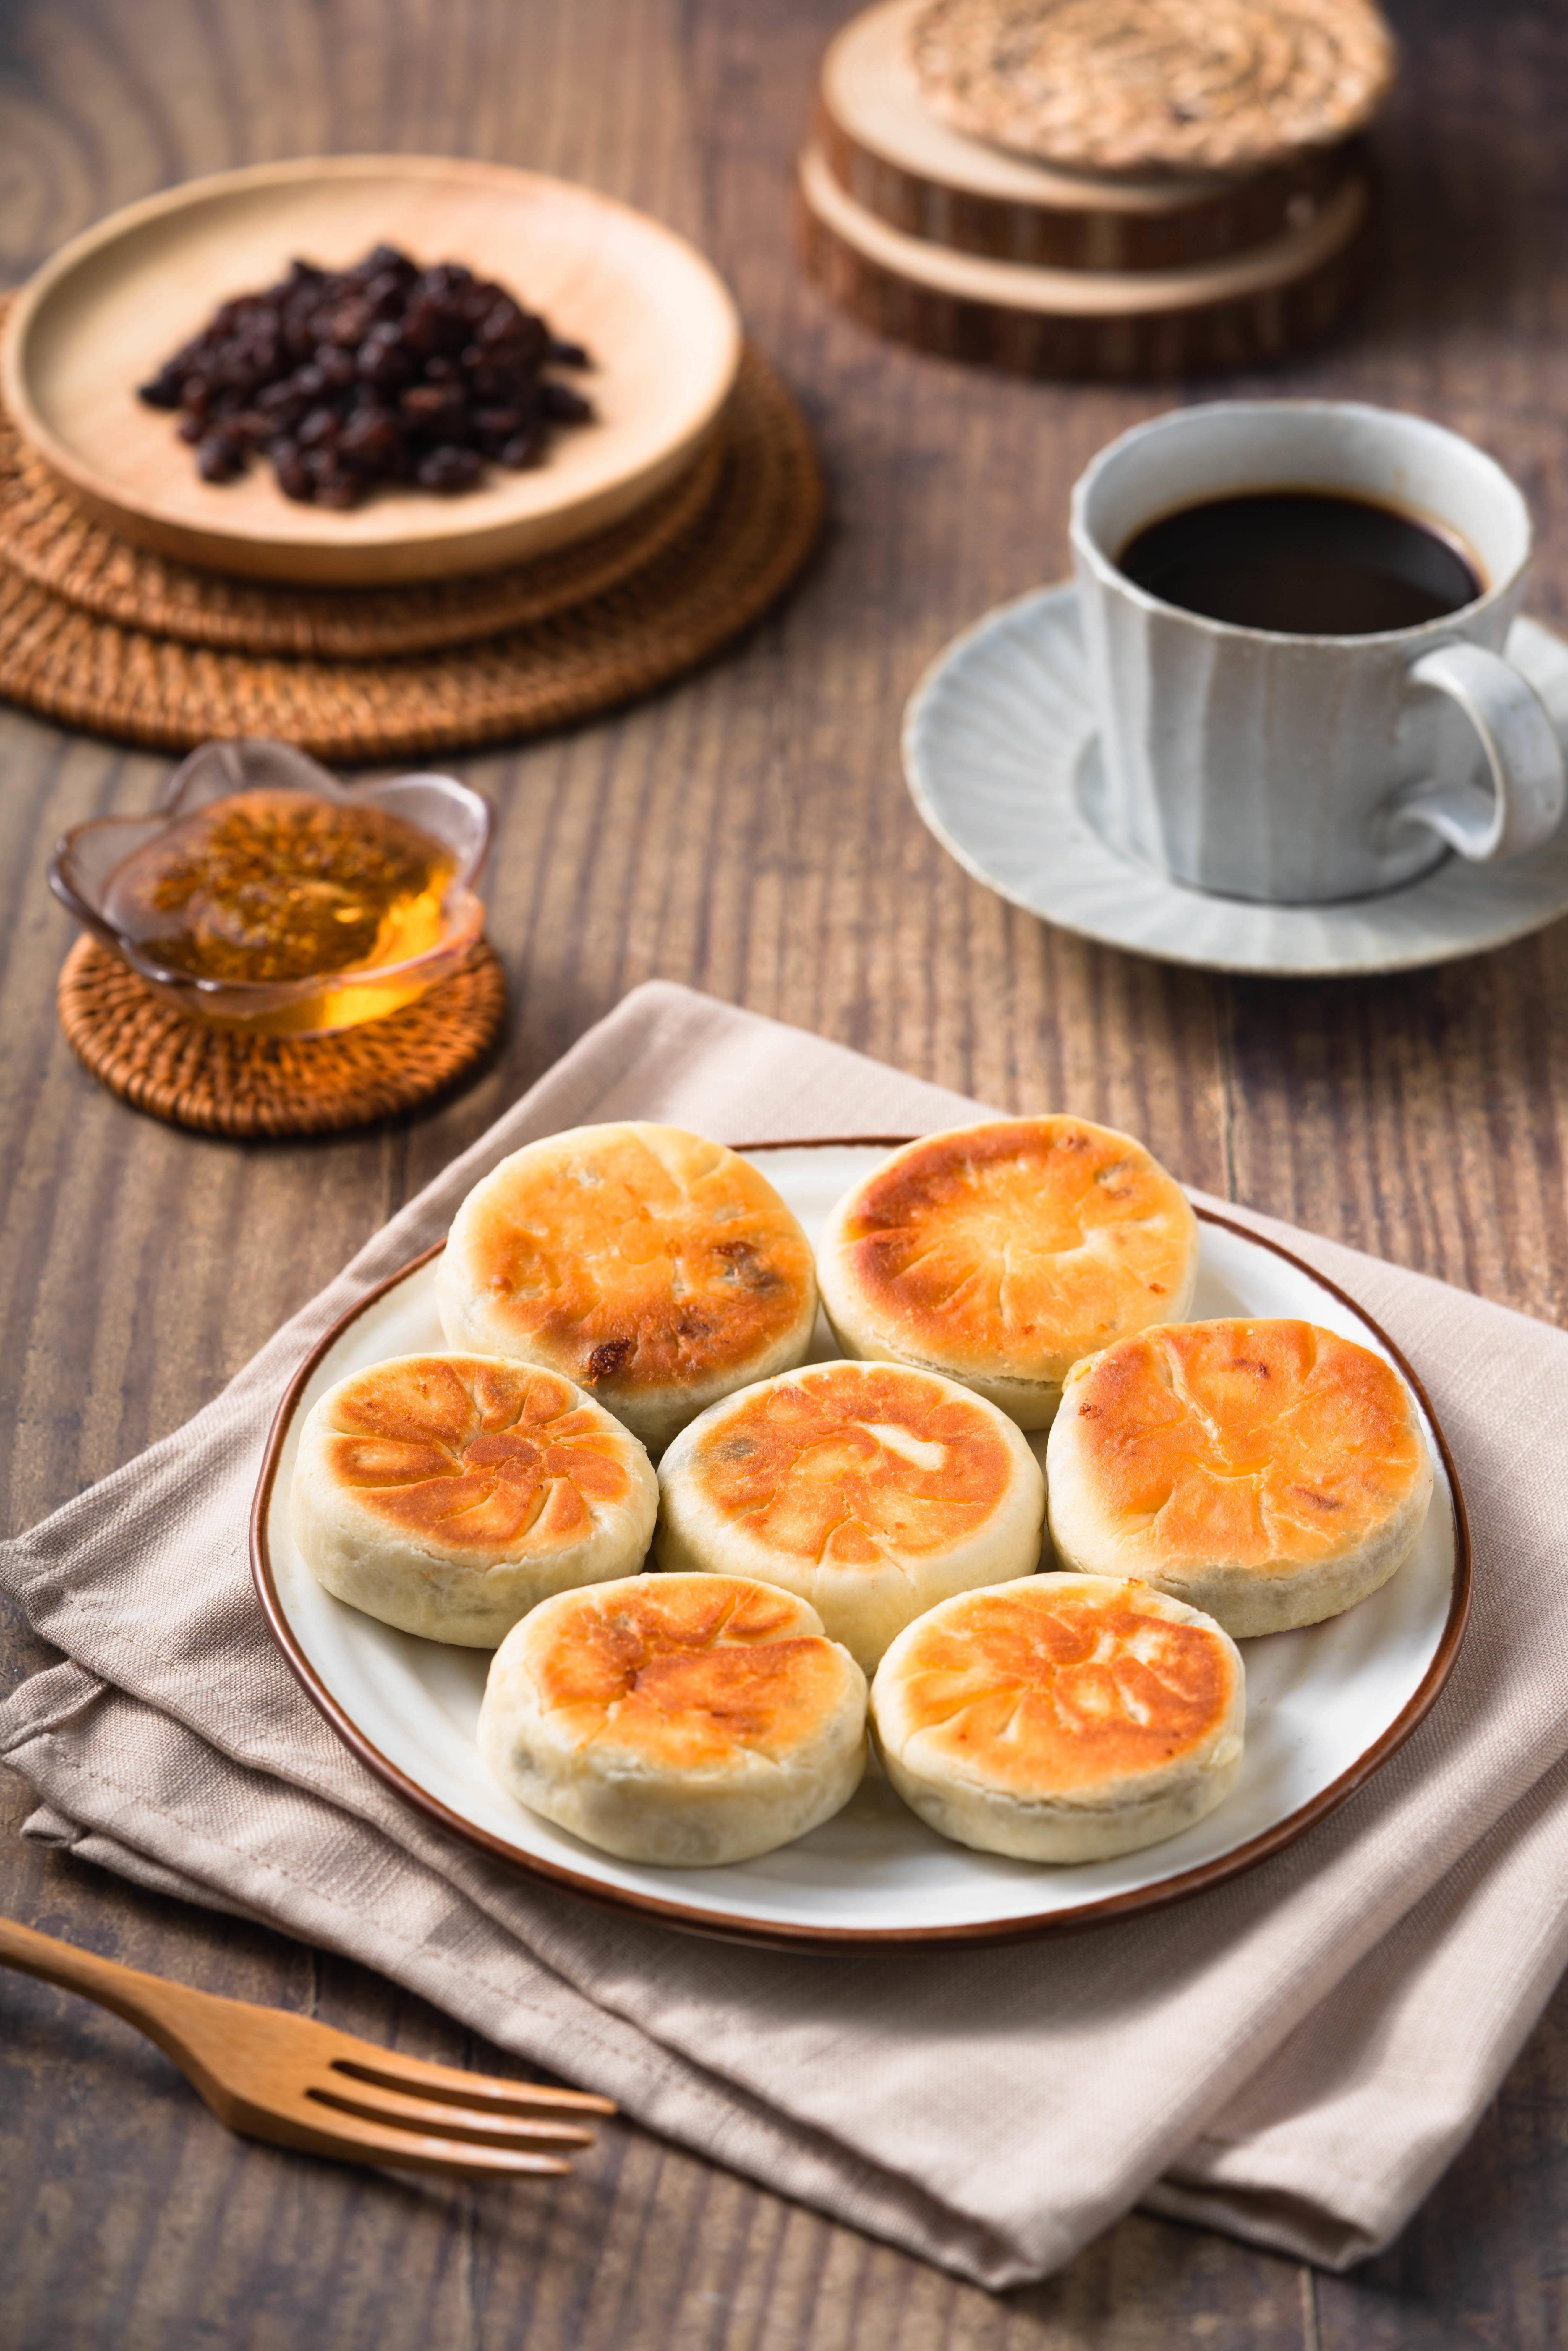 美味快手早餐~拉丝芝士红豆饼的做法 步骤10